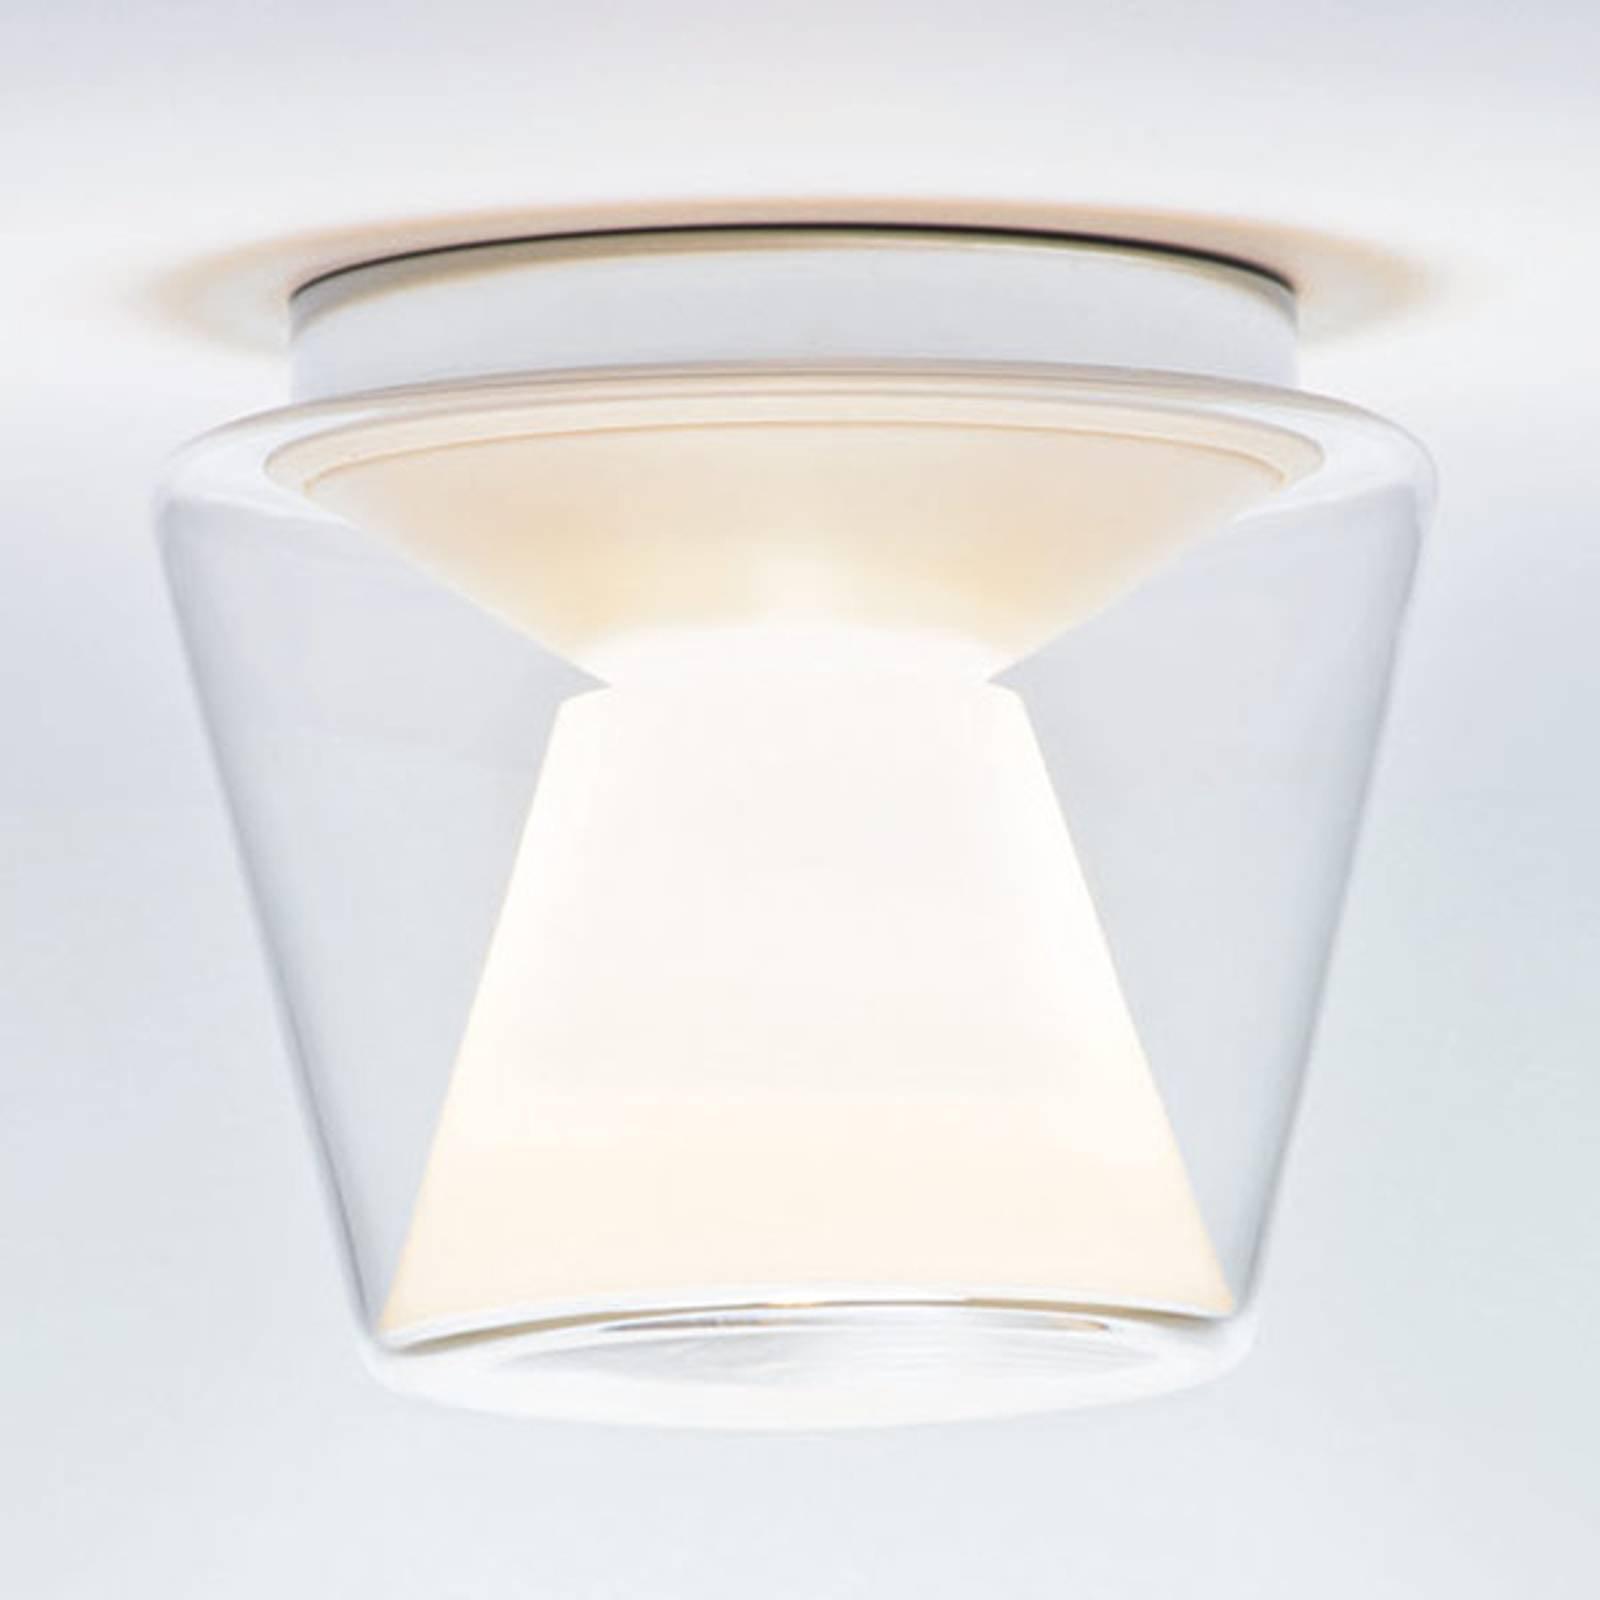 serien.lighting Annex M – LED-taklampe, opal